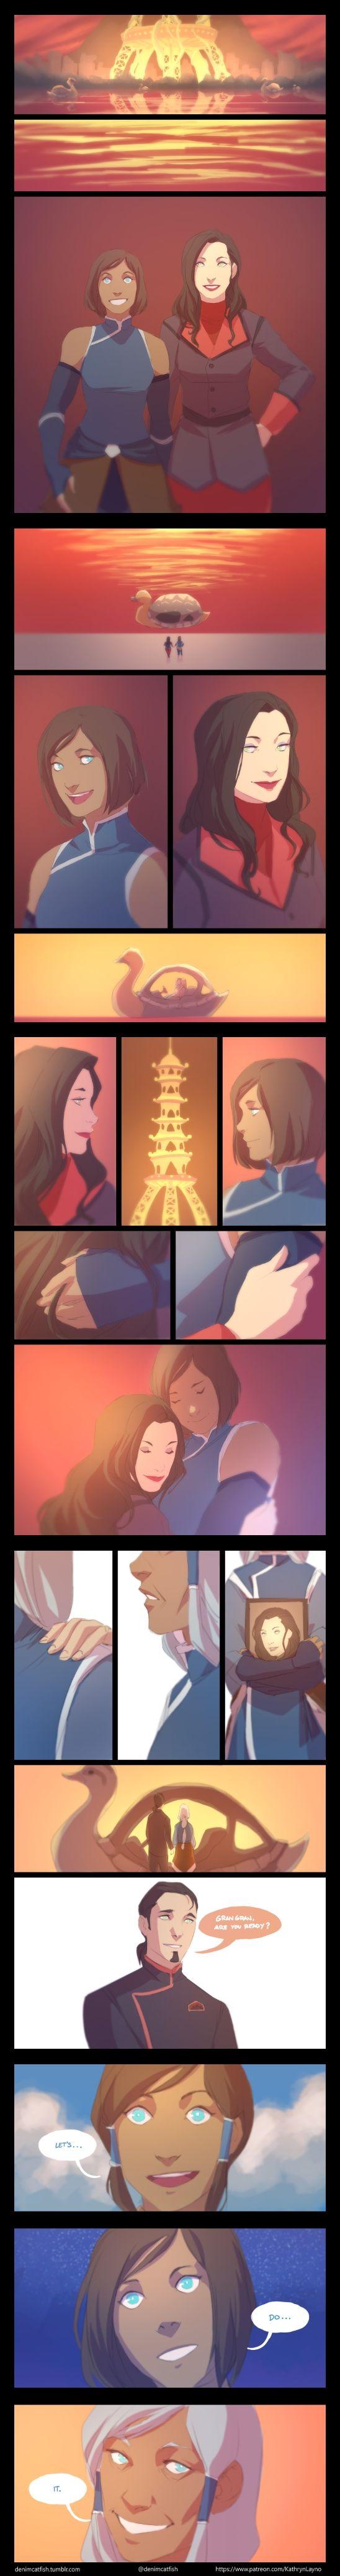 I didn't need my heart anyway :'( | KorrAsami / Korra & Asami Sato | Avatar the legend of korra lok | Canon Couple